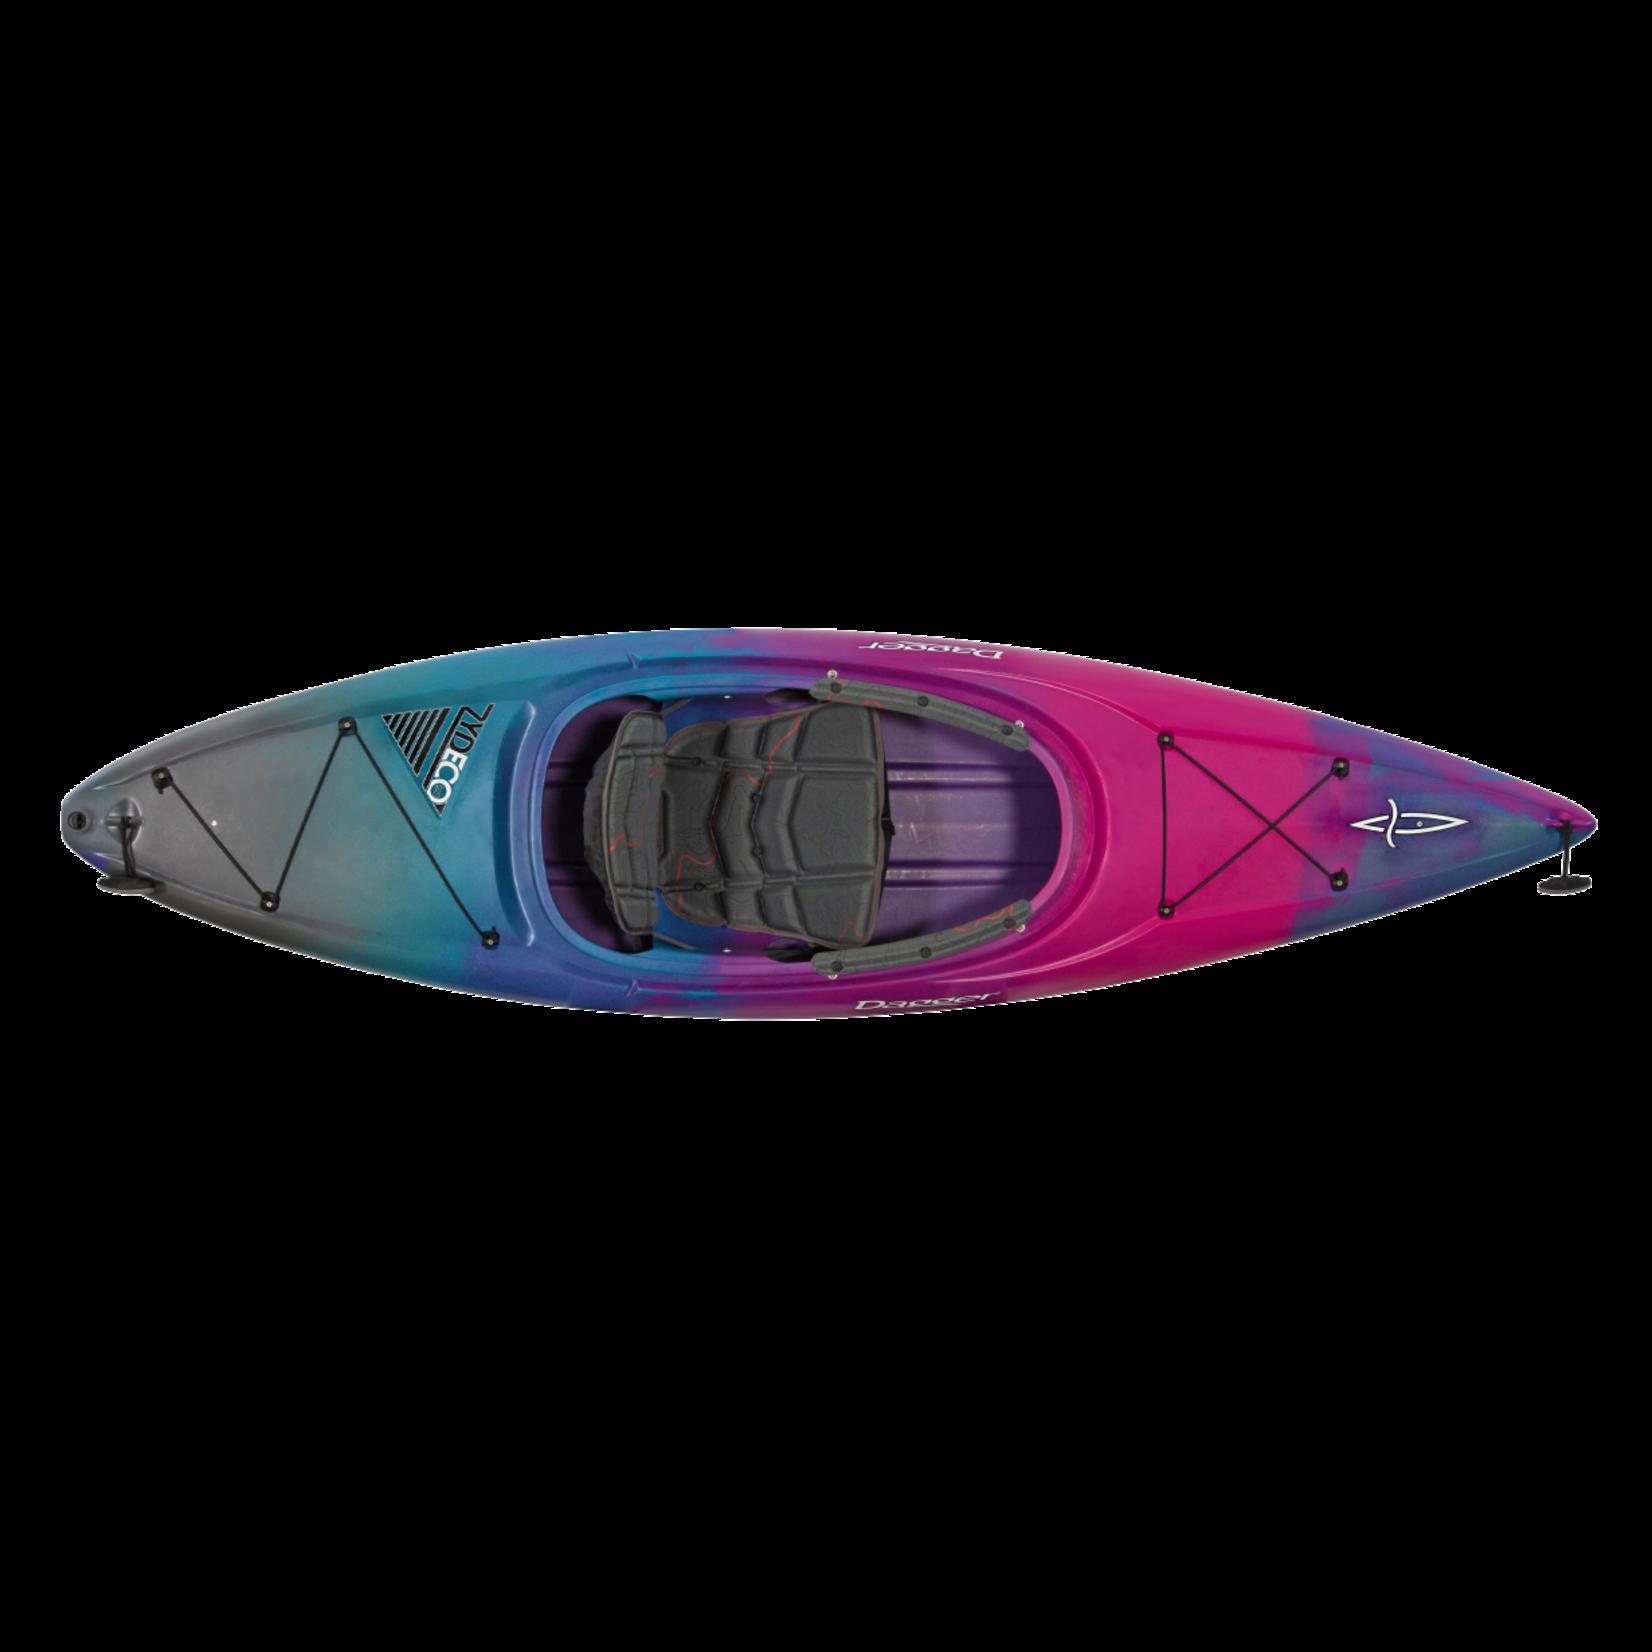 Dagger Dagger Zydeco Kayak